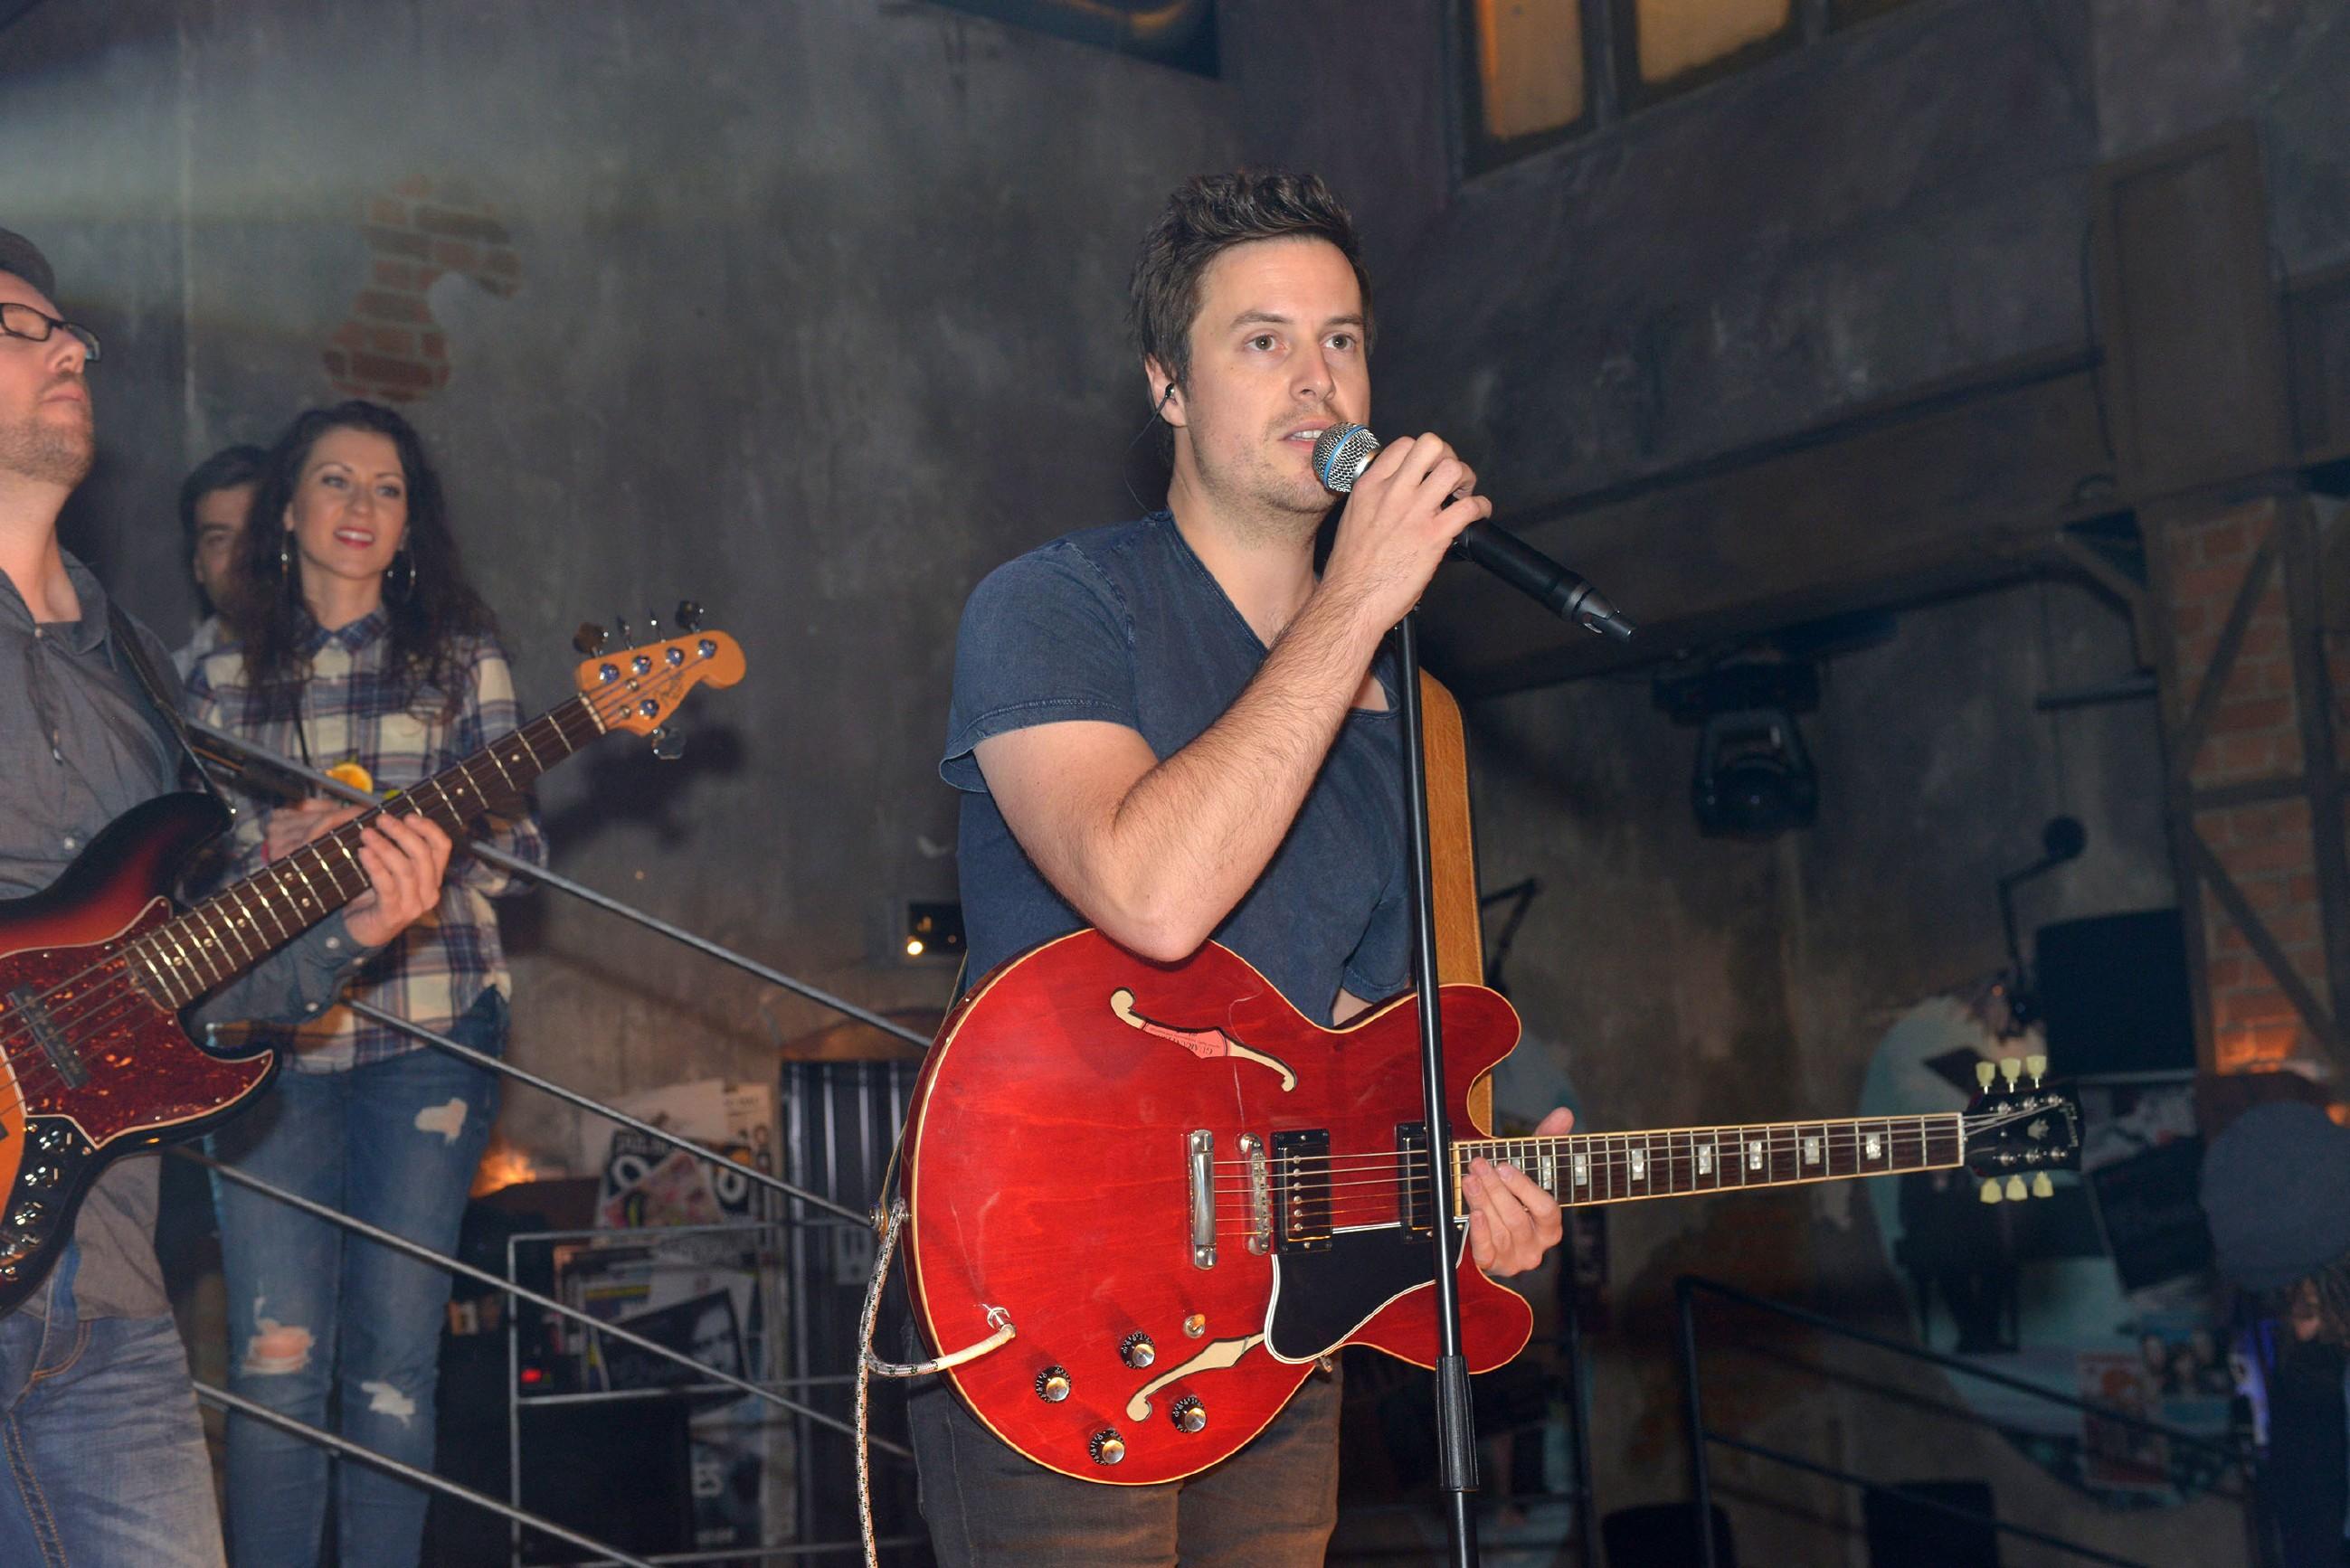 Der Sänger und Songwriter Neil Thomas gibt ein Konzert im Mauerwerk. (Quelle: RTL / Rolf Baumgartner)